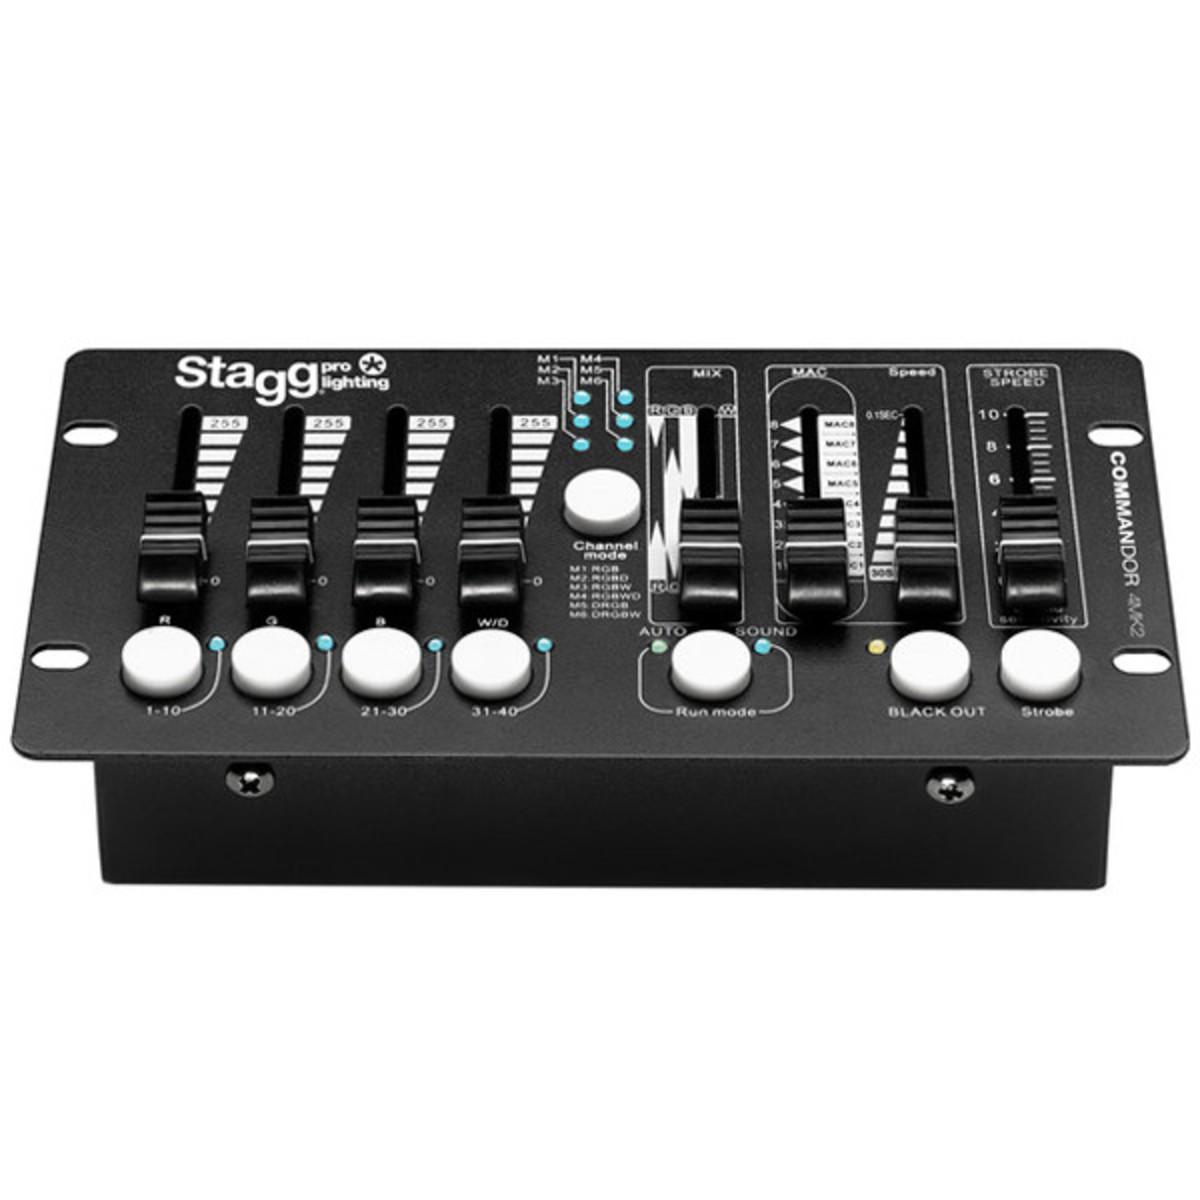 Stagg mandor 4mk2 3 DMX Light Controller for LED Lights at